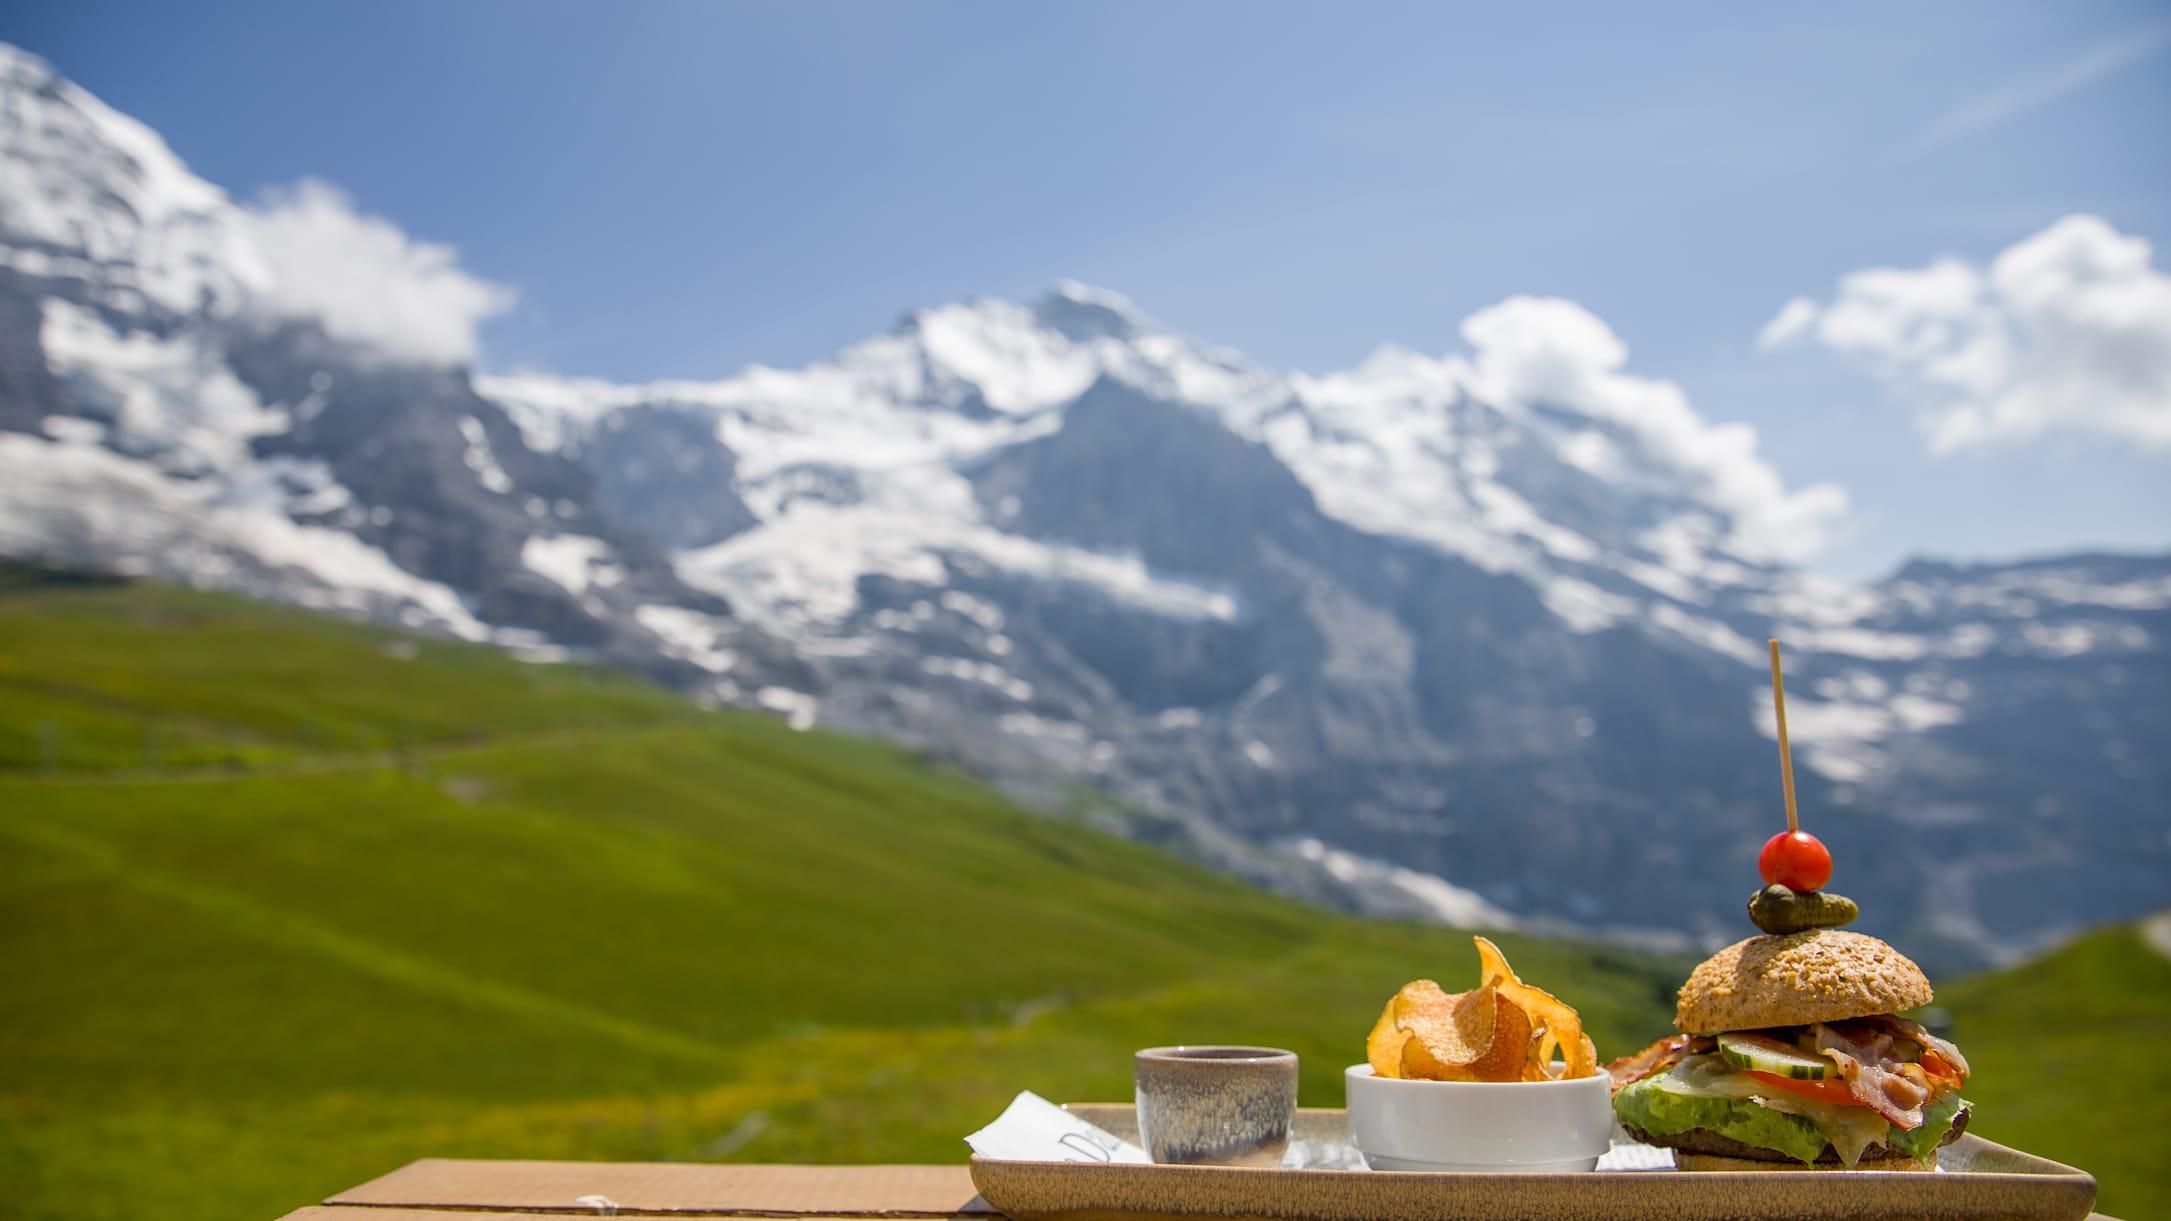 Bergrestaurant-Kleine-Scheidegg, Gastro, Jahreszeit, Kleine-Scheidegg, Sommer, jungfrau.ch